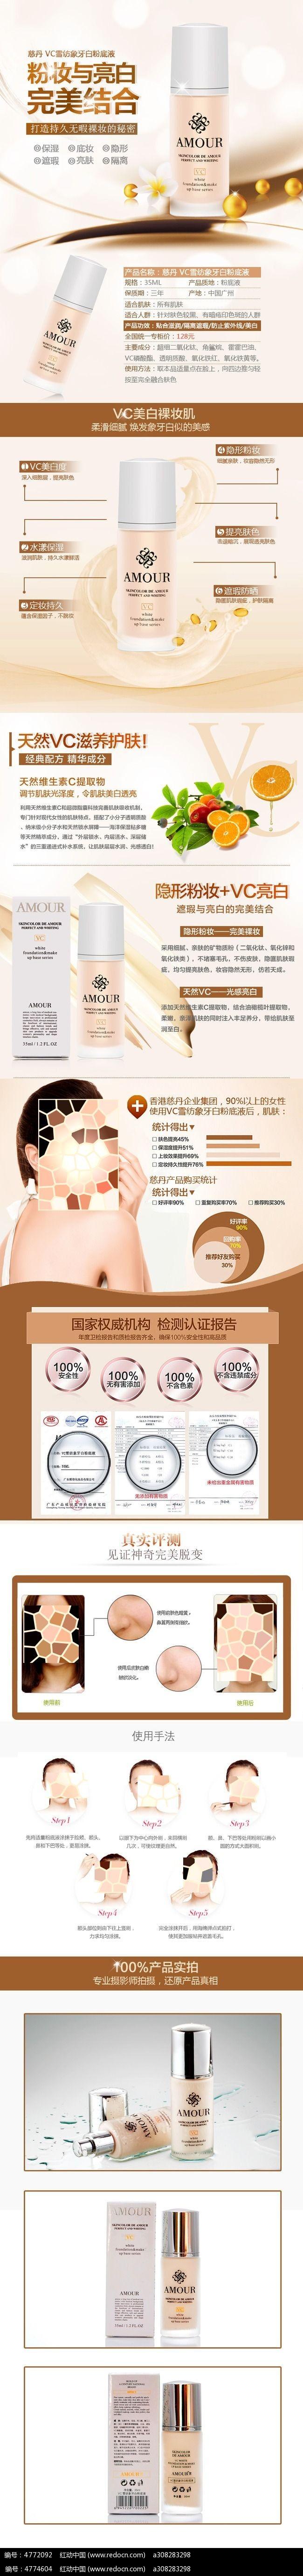 淘宝天猫粉底化妆品详情页模板PSD图片